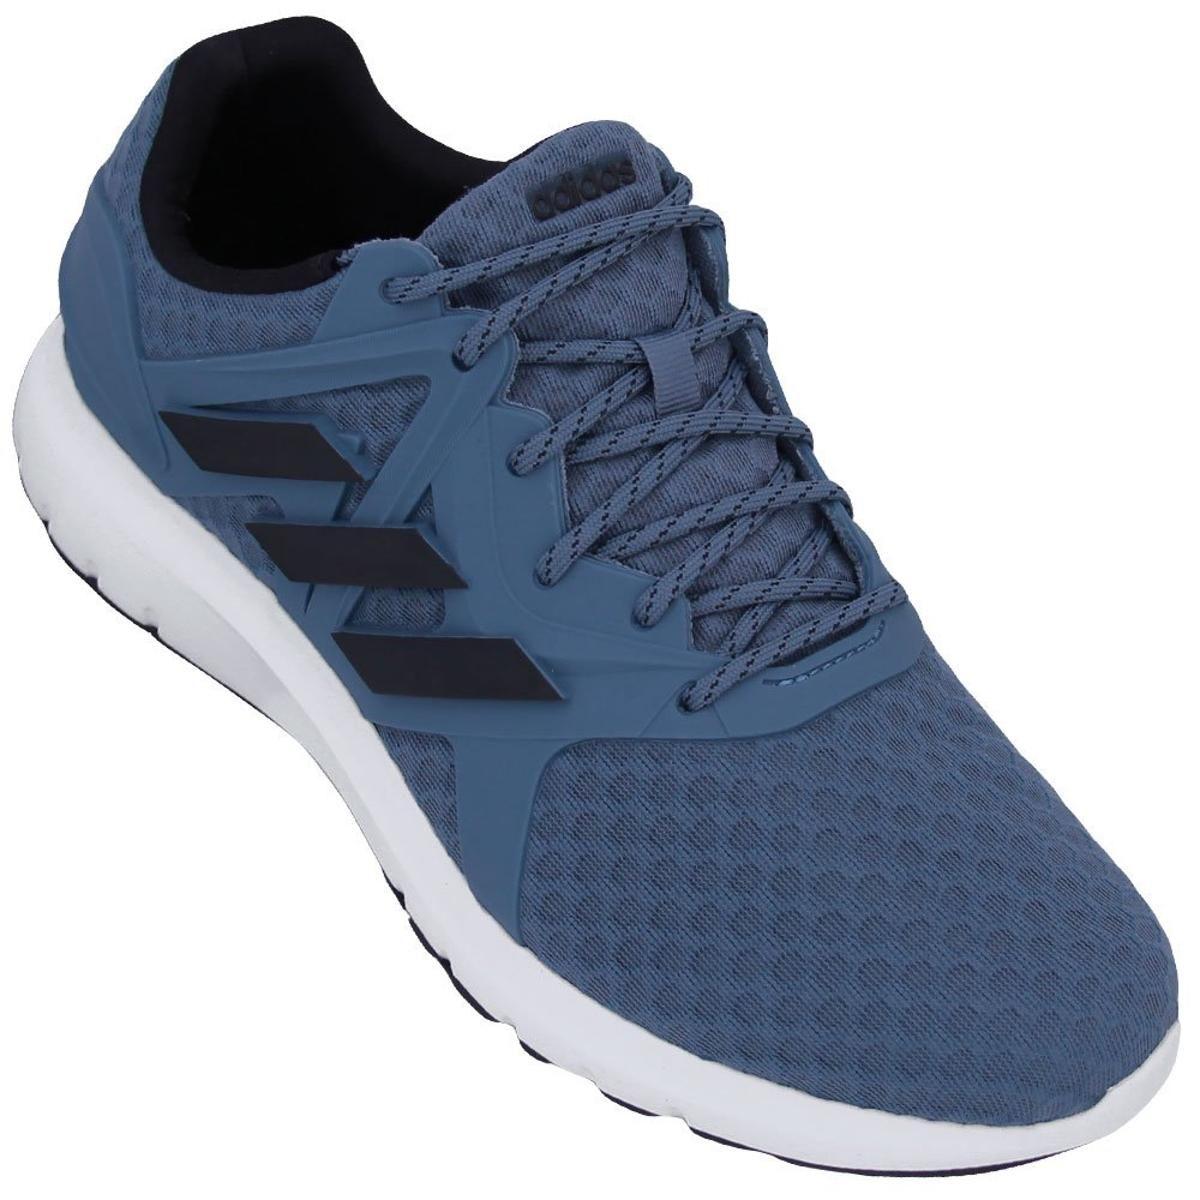 f9400149f9 Compre Agora Tênis Adidas Starlux Masculino e muito mais em artigos  esportivos com preços incríveis na